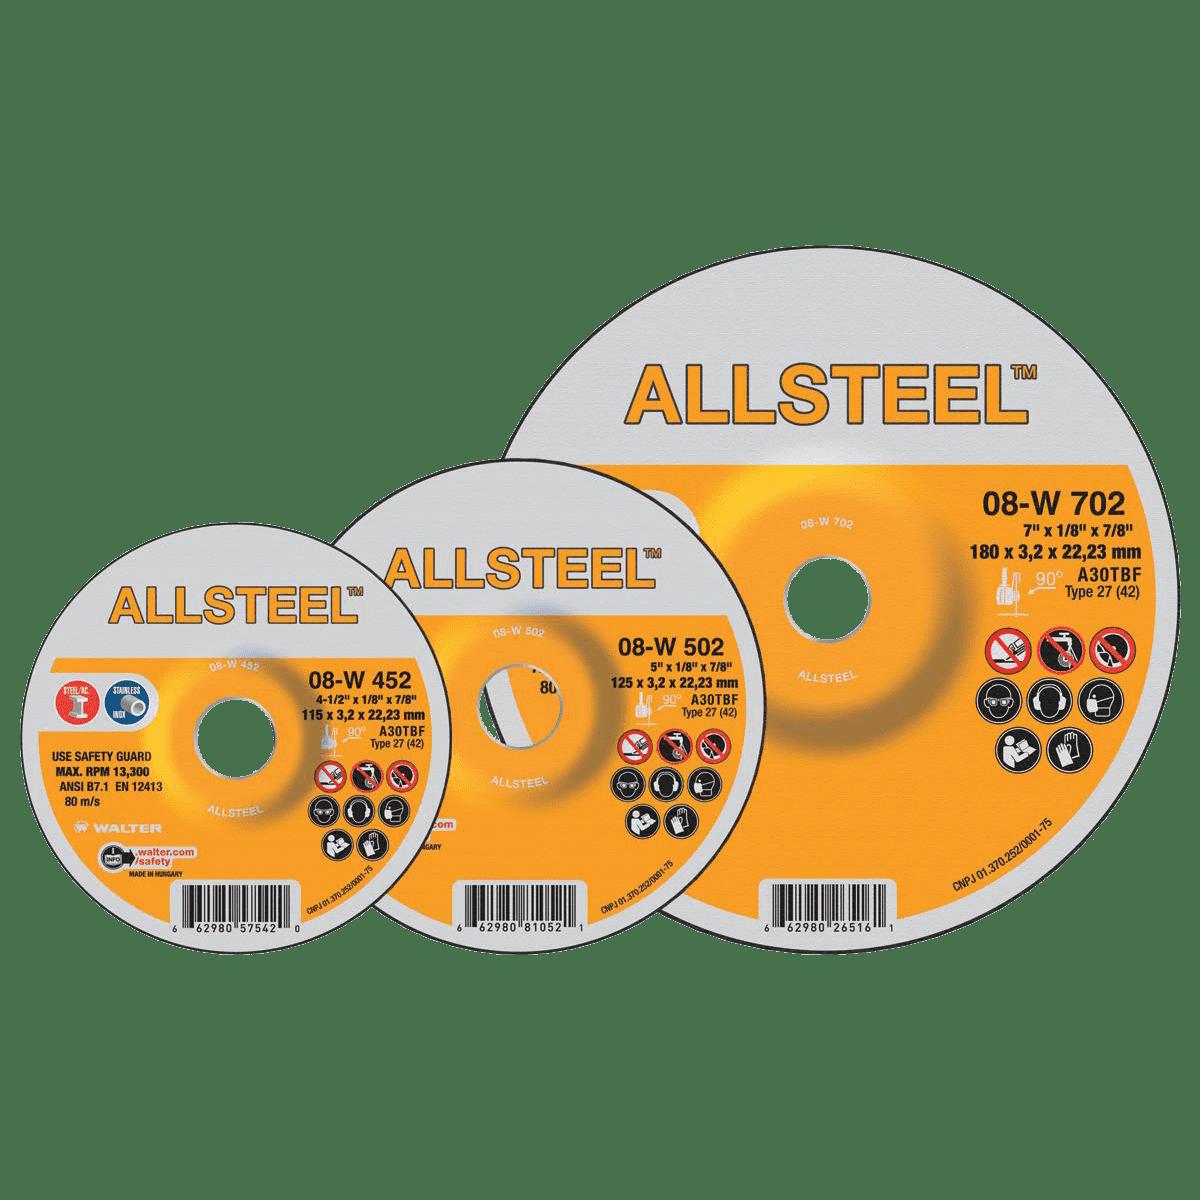 ALLSTEEL™ Grinding Wheels